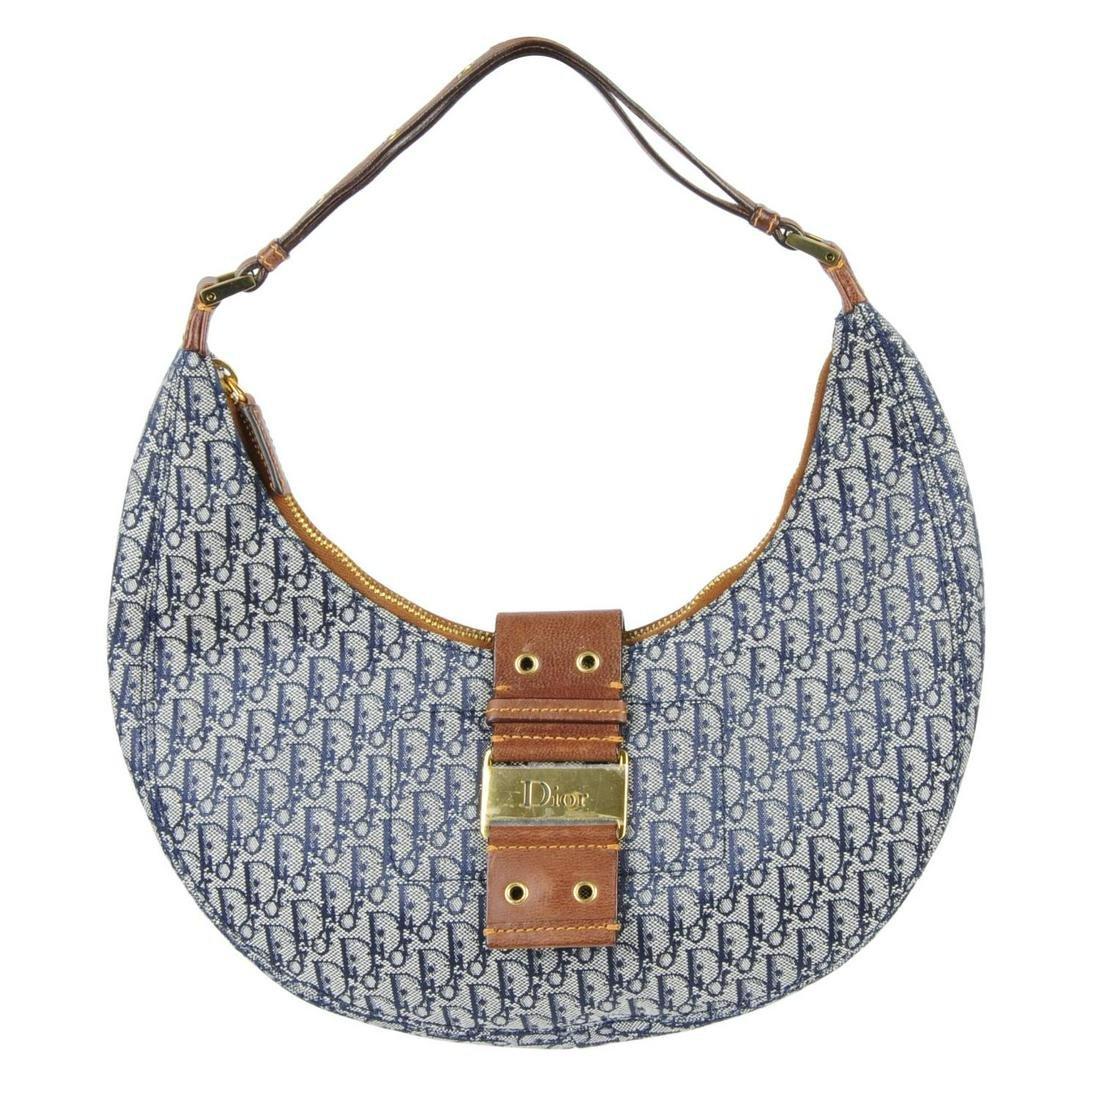 CHRISTIAN DIOR - a small hobo handbag. Designed with a